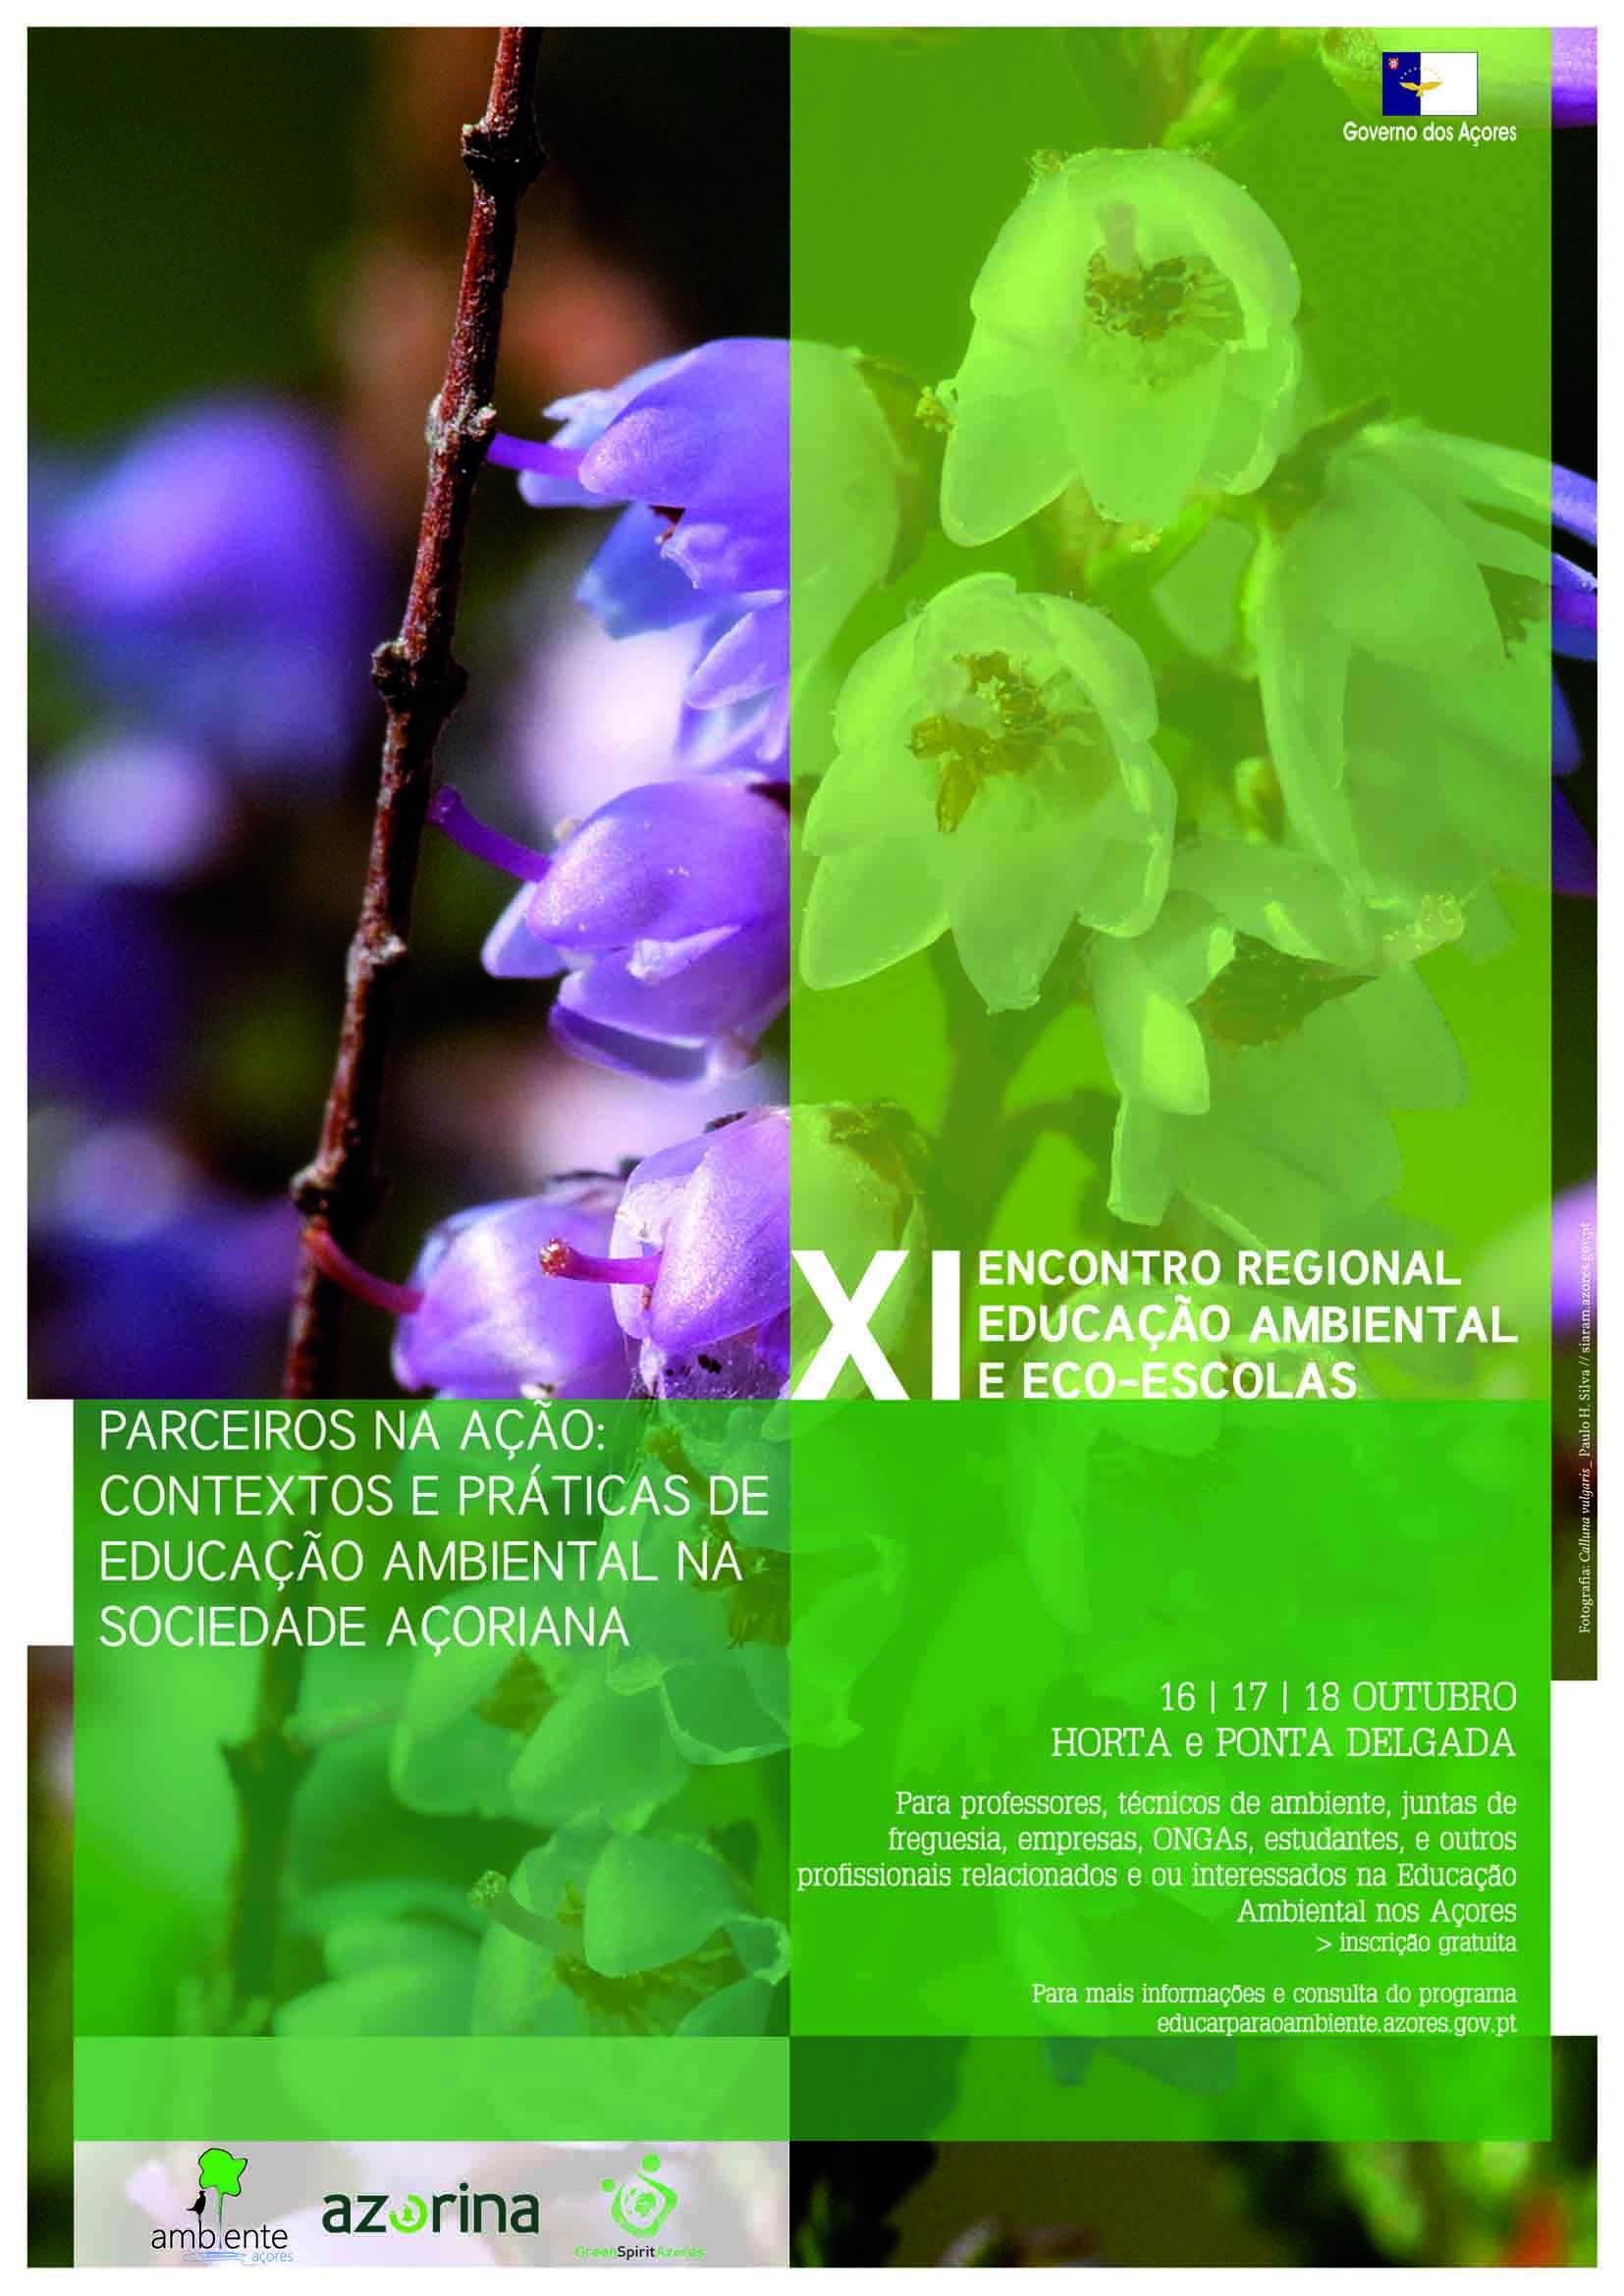 XI Encontro Regional de Educação Ambiental e Eco-Escolas decorre entre 16 e 18 de outubro